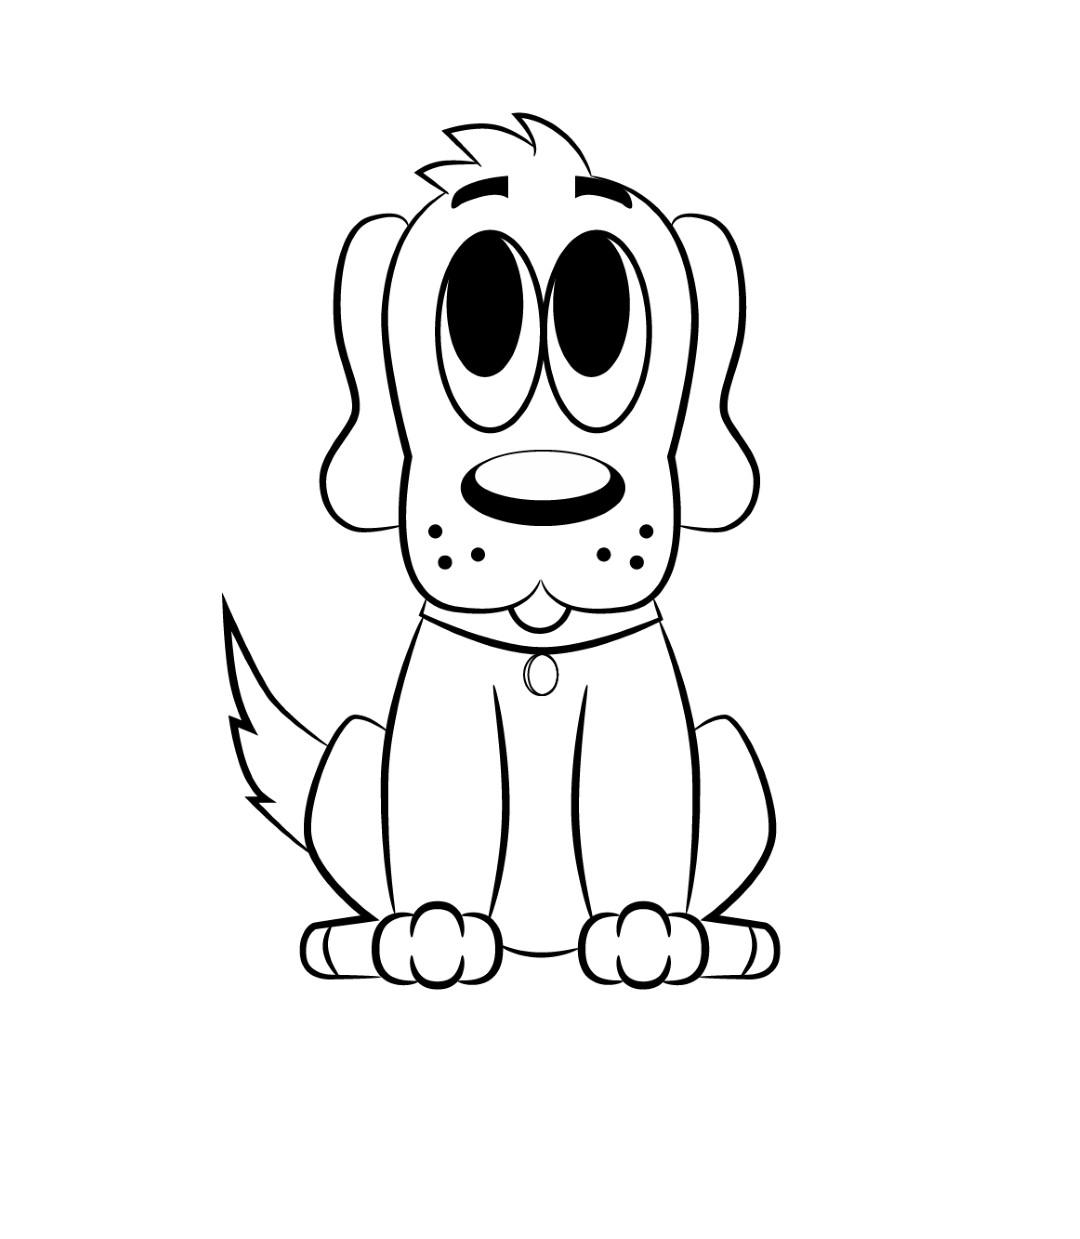 Dog Cartoon Drawings